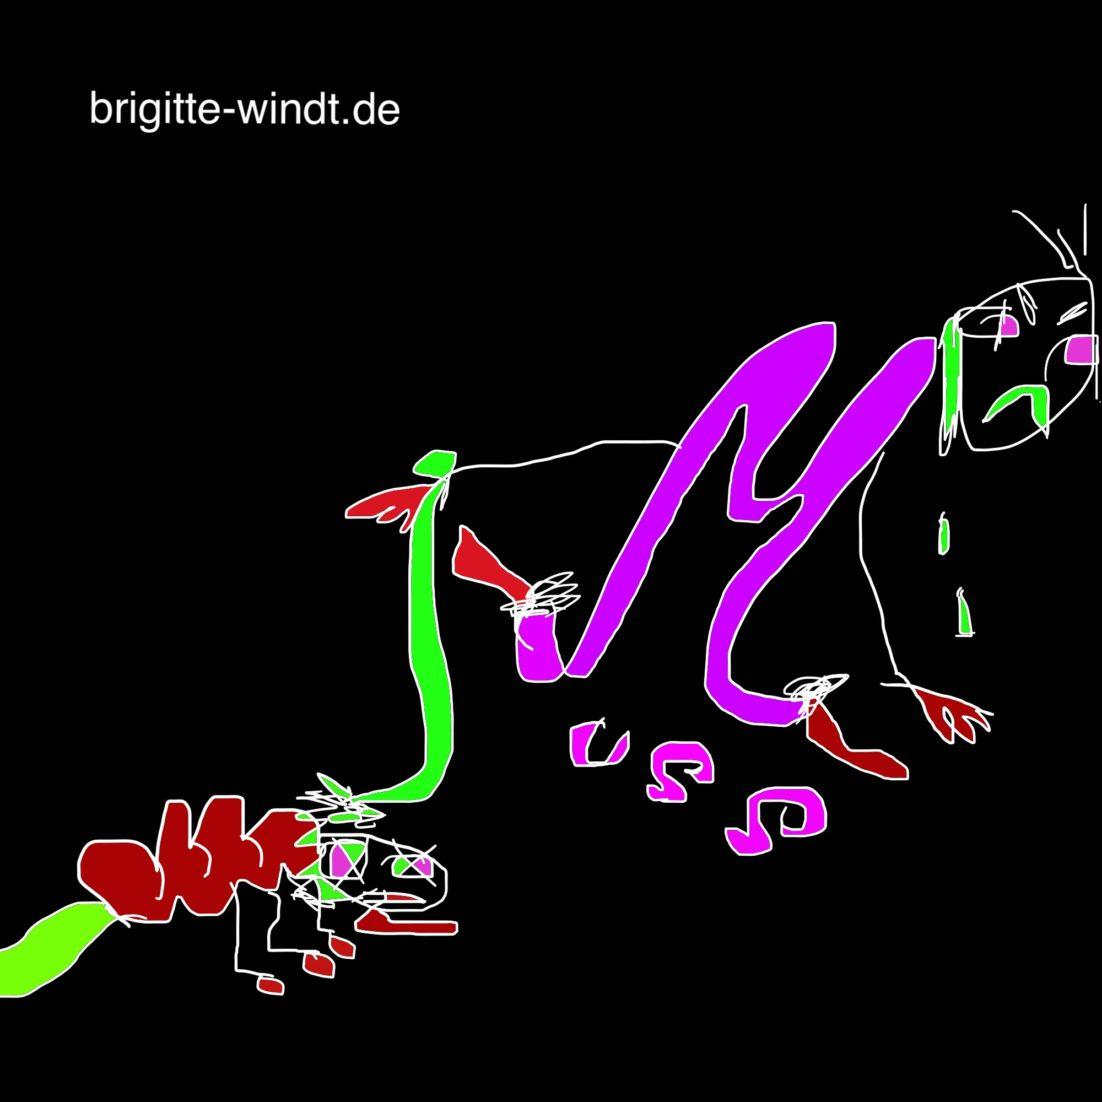 MUSS MUSS WEG Brigitte Windt. Personifiziertes violettes M mit roter Blutlaus an grüner Leine auf schwarzem Grund.